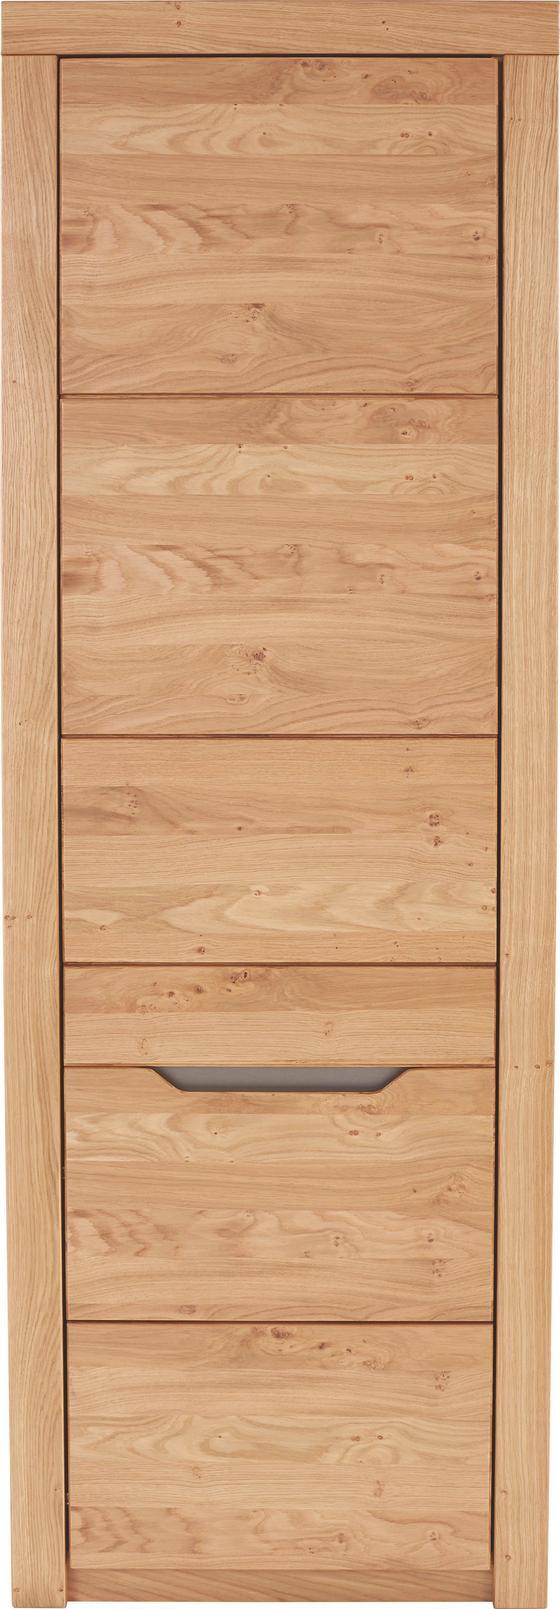 Szekrény Pure - modern, Faalapú anyag/Fa (64/197/38cm)